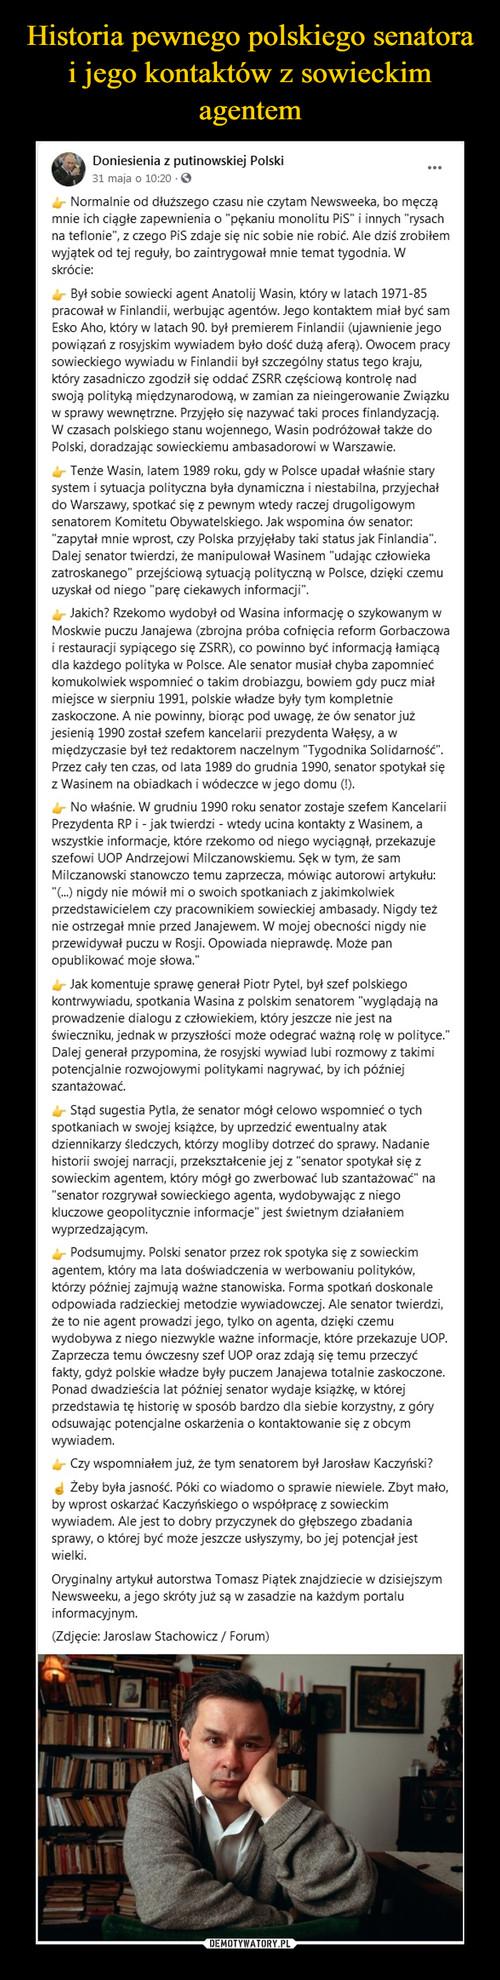 Historia pewnego polskiego senatora i jego kontaktów z sowieckim agentem